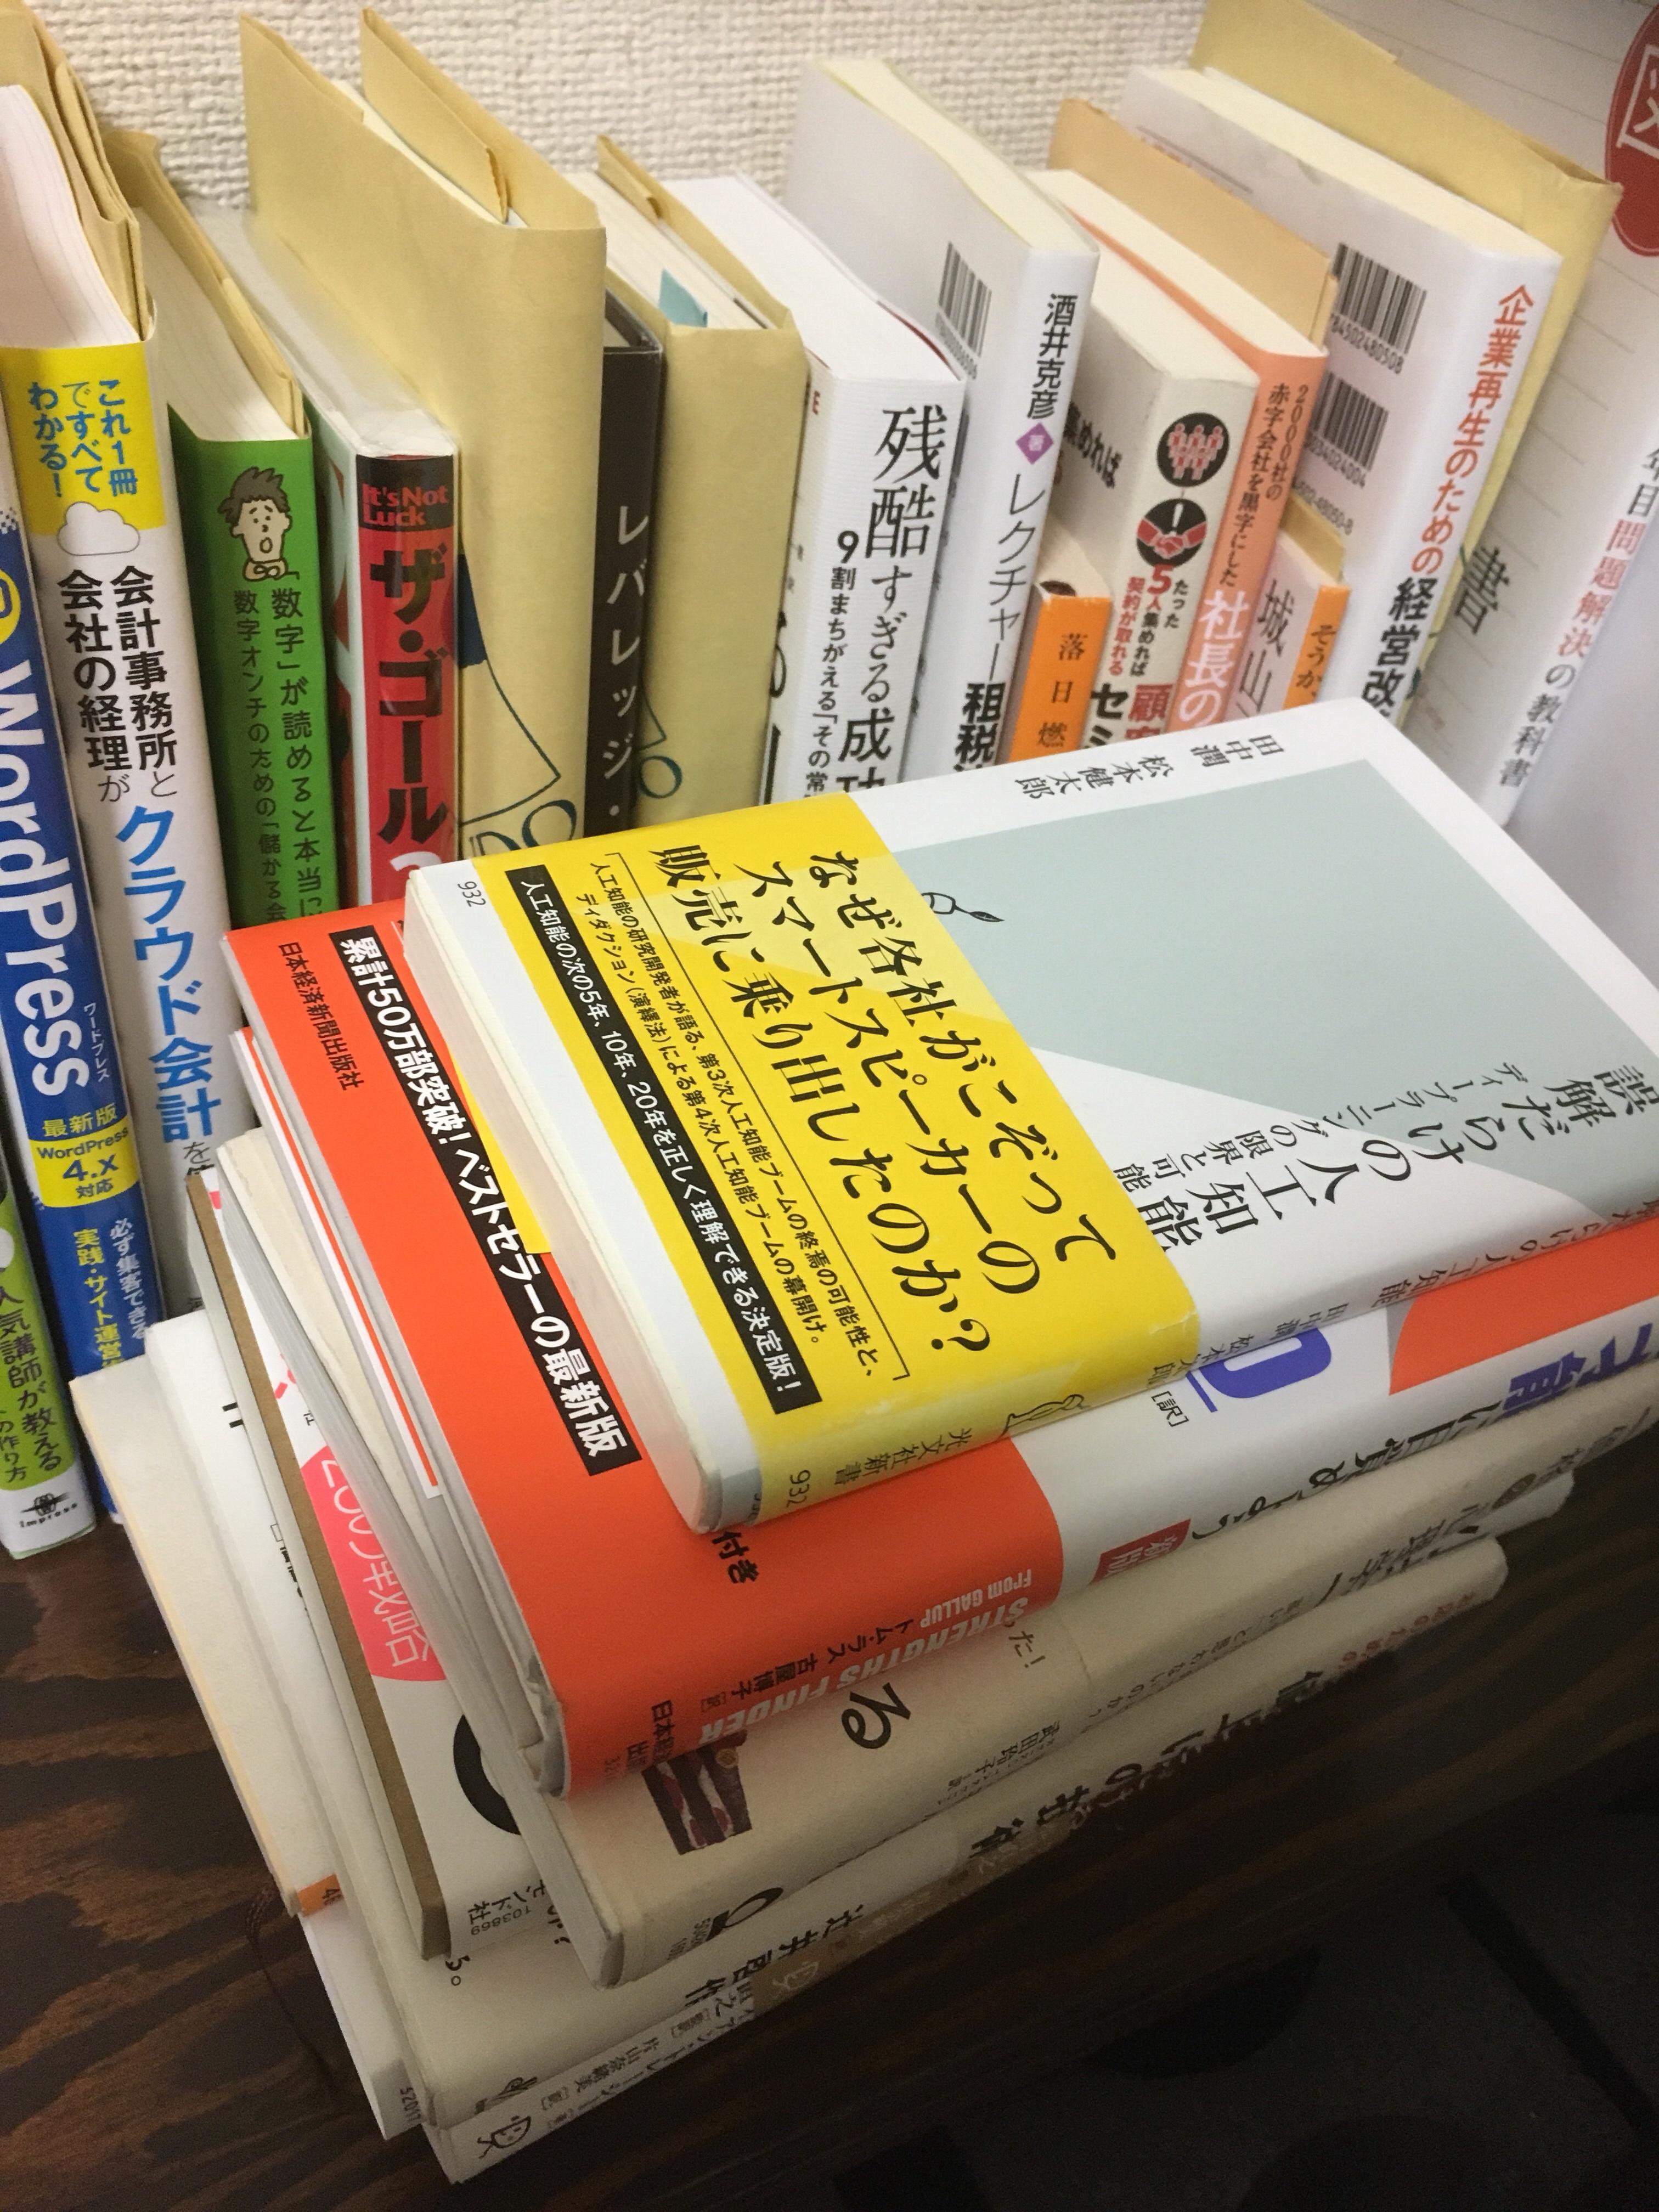 入社当時に買った本を読み返してみると。